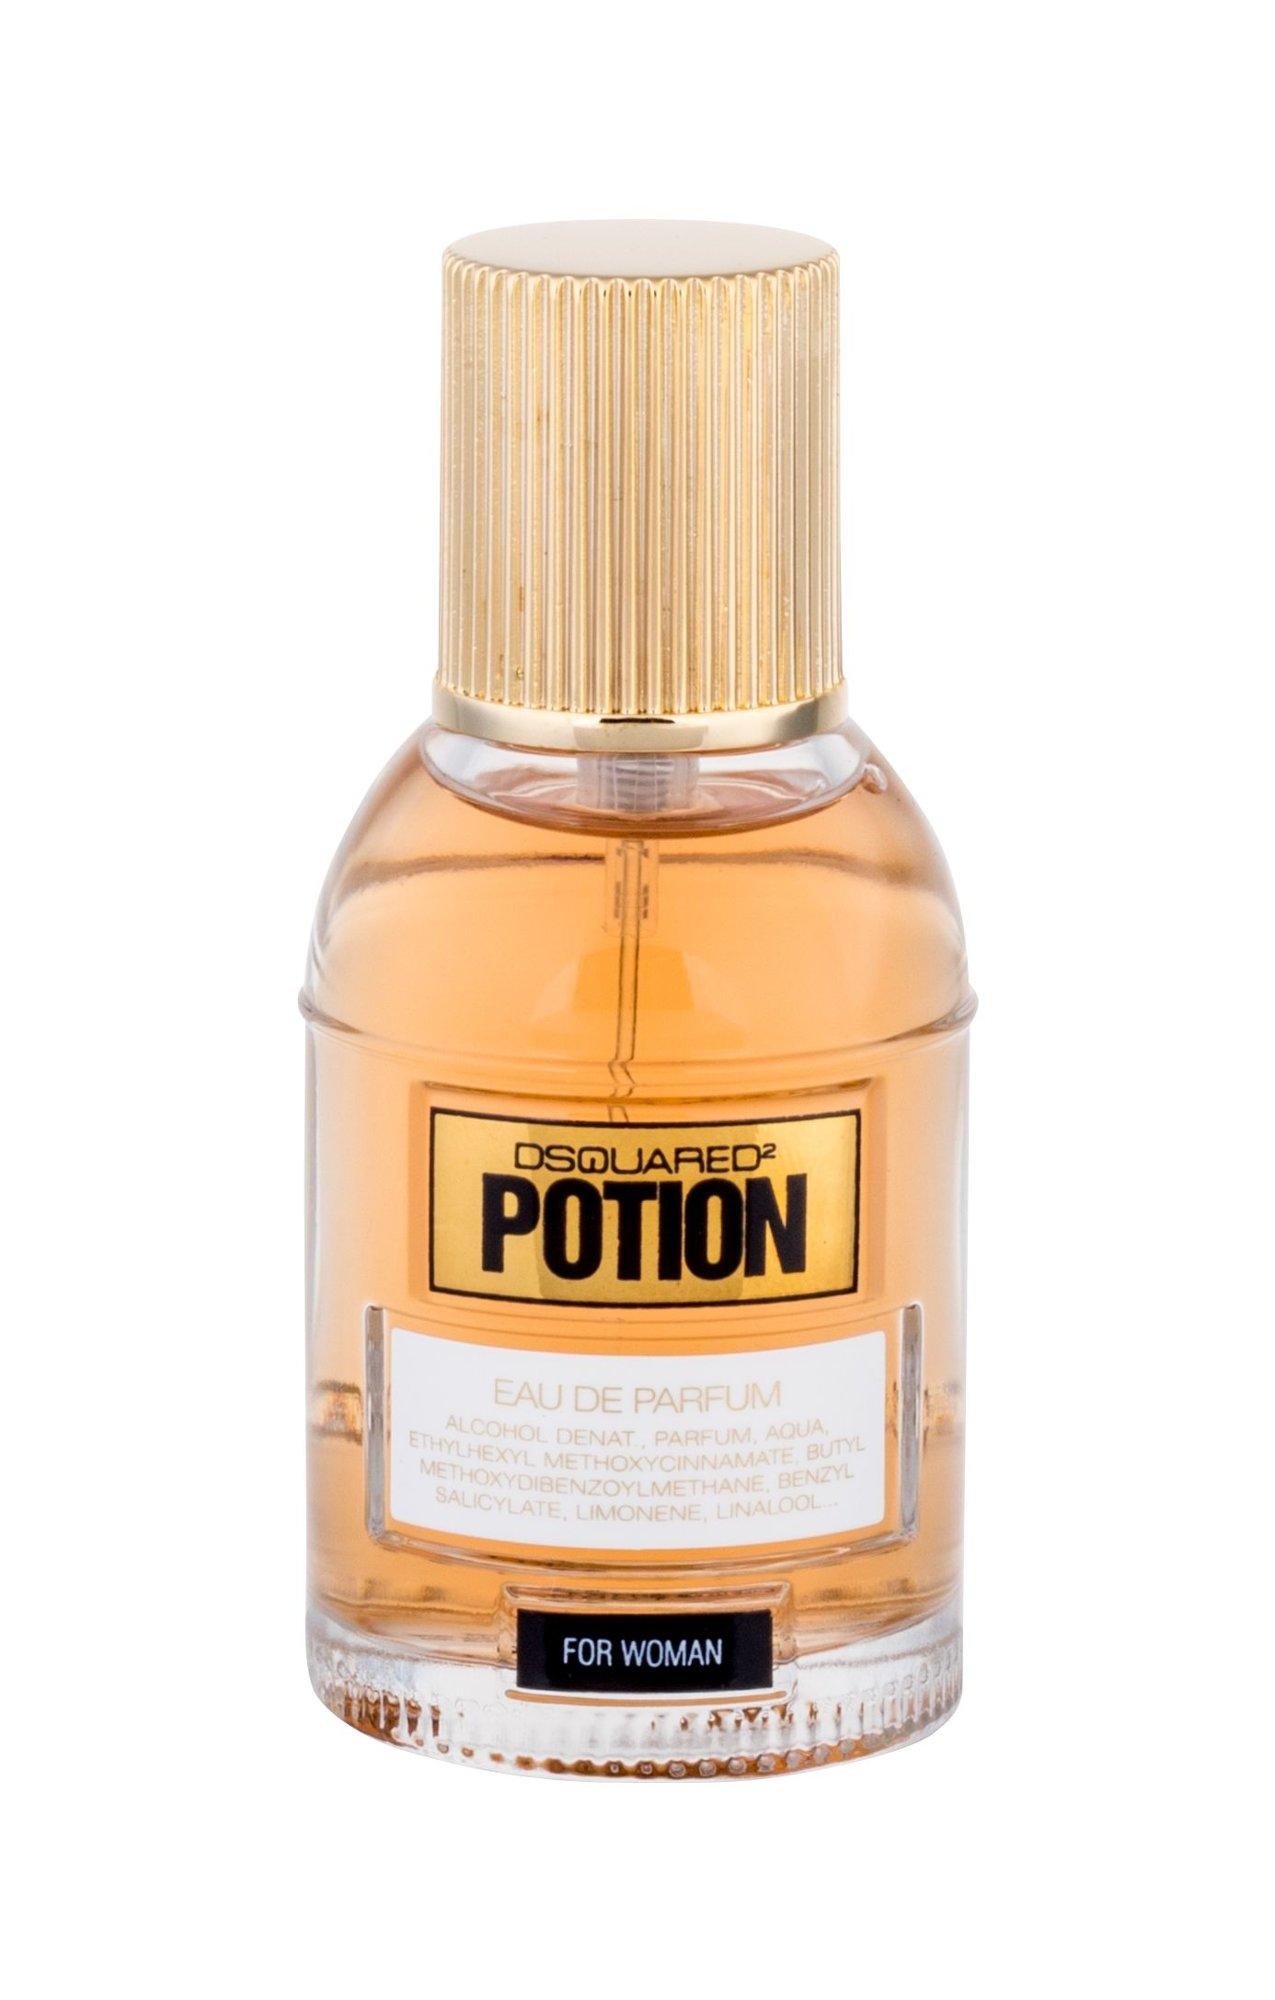 Dsquared2 Potion EDP 30ml